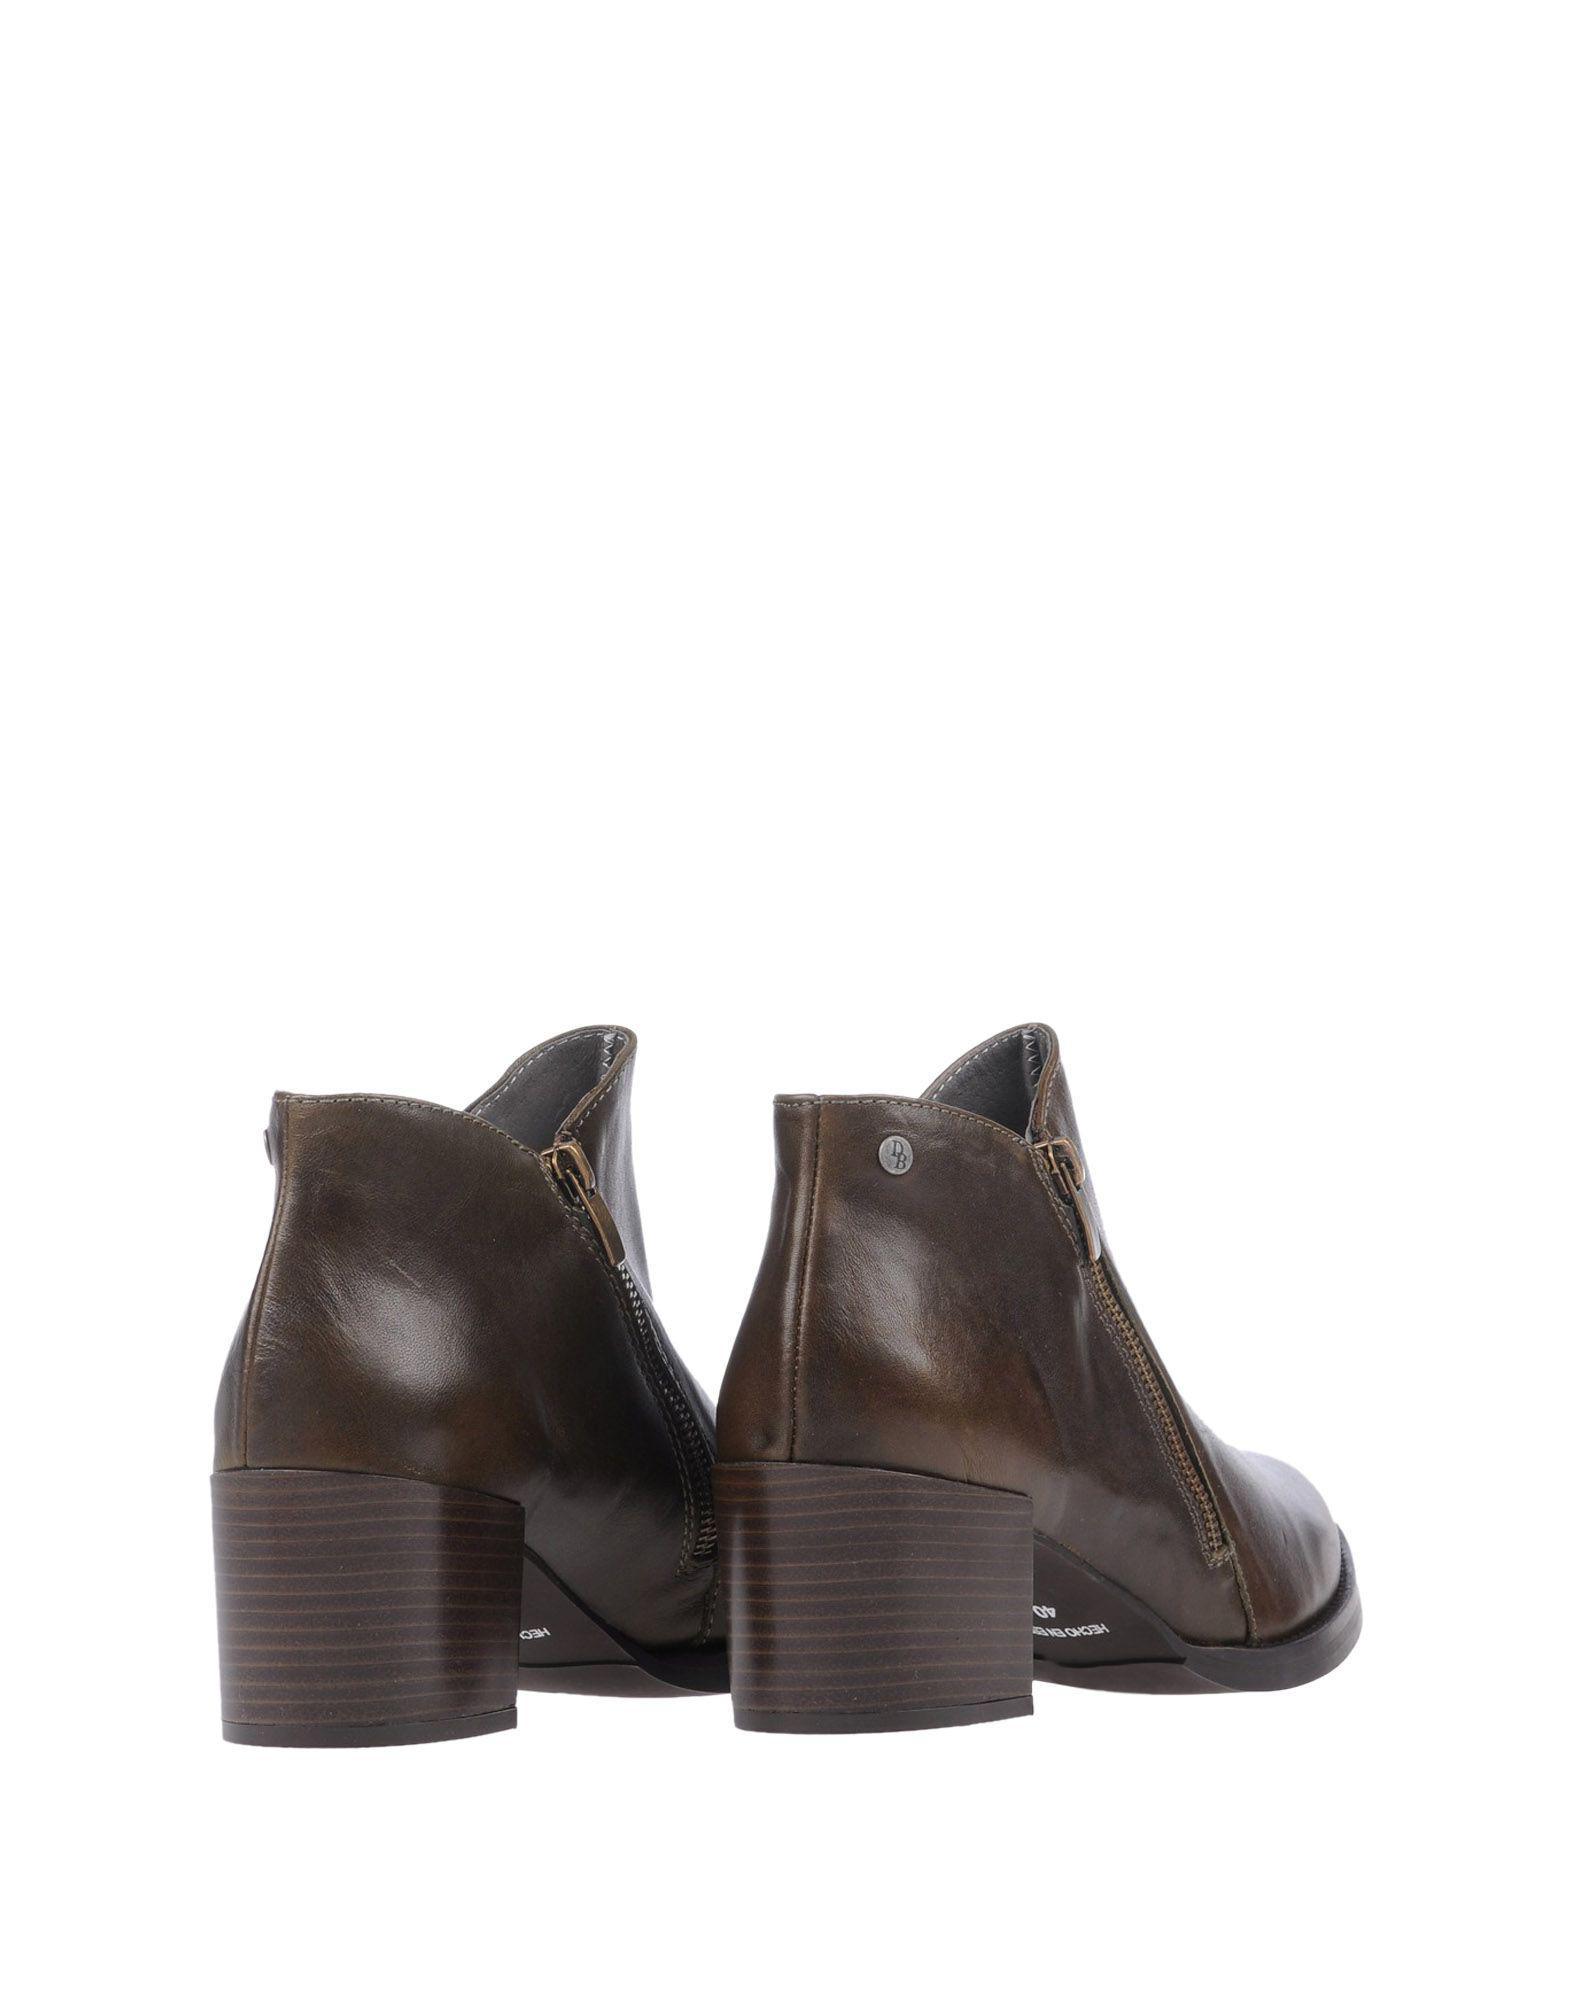 Db Par D'bottines À La Mode vbJHb